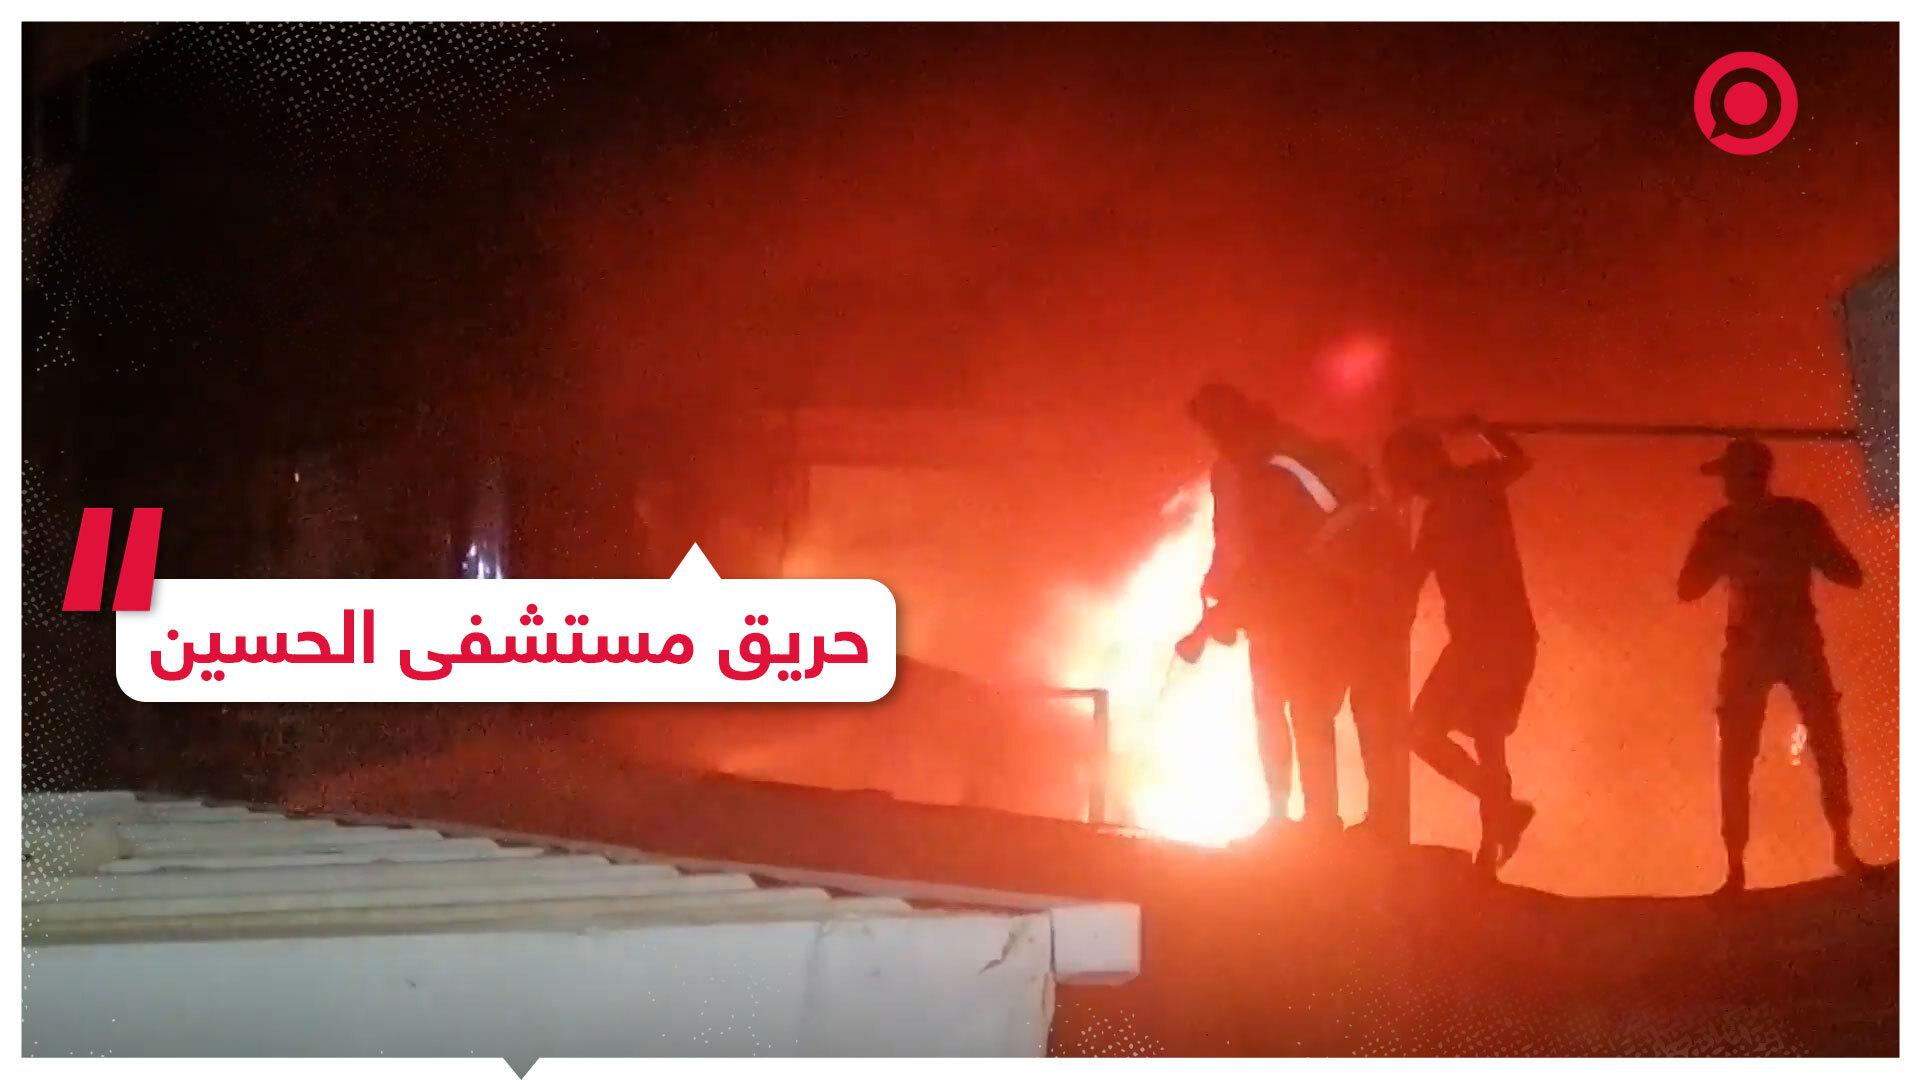 حادث حريق بمستشفى الإمام الحسين التعليمي